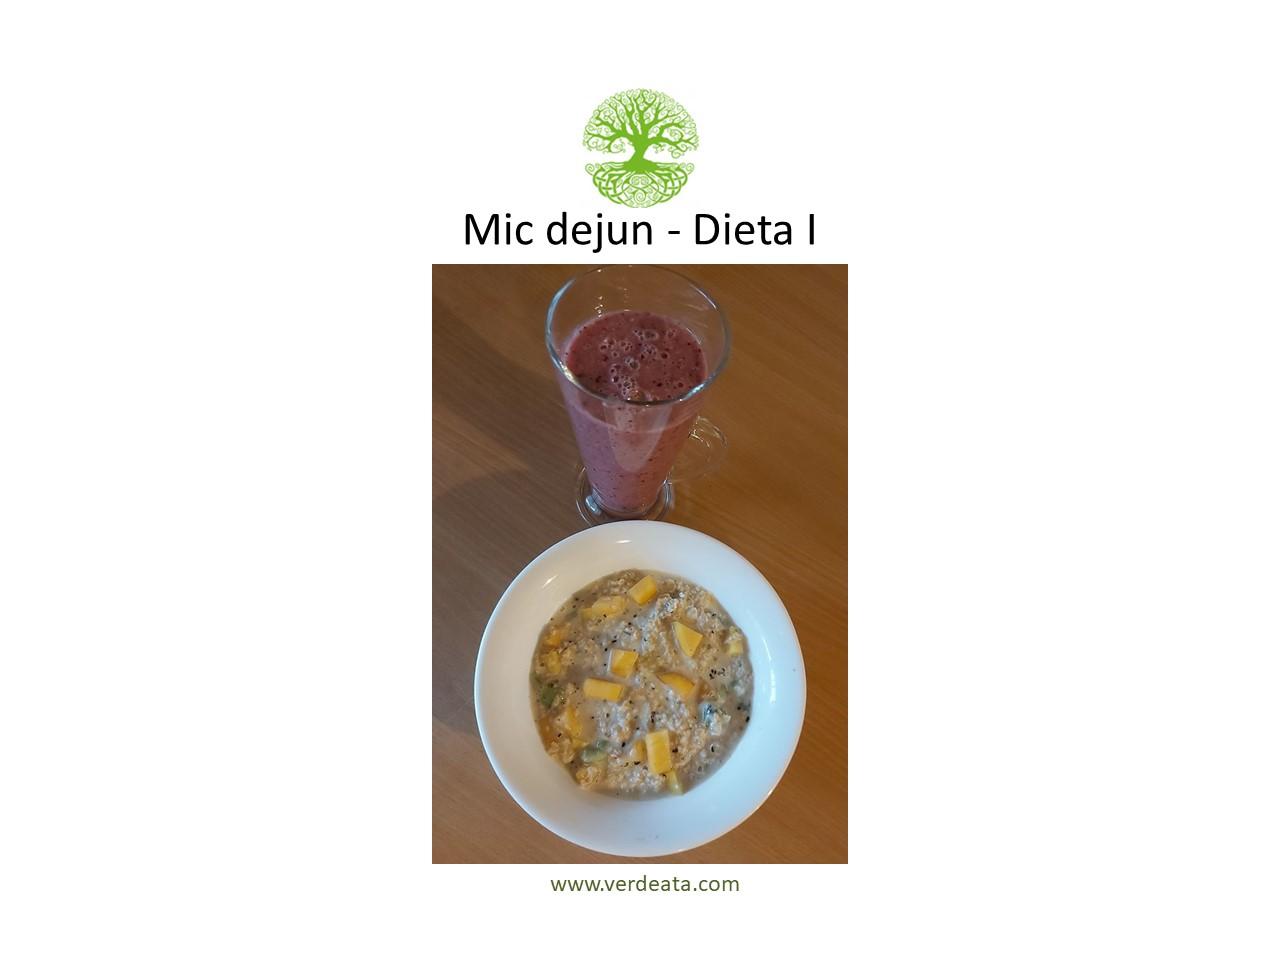 Mic dejun - lapte vegetal cu fulgi de ovaz, fructe si seminte - Dieta I